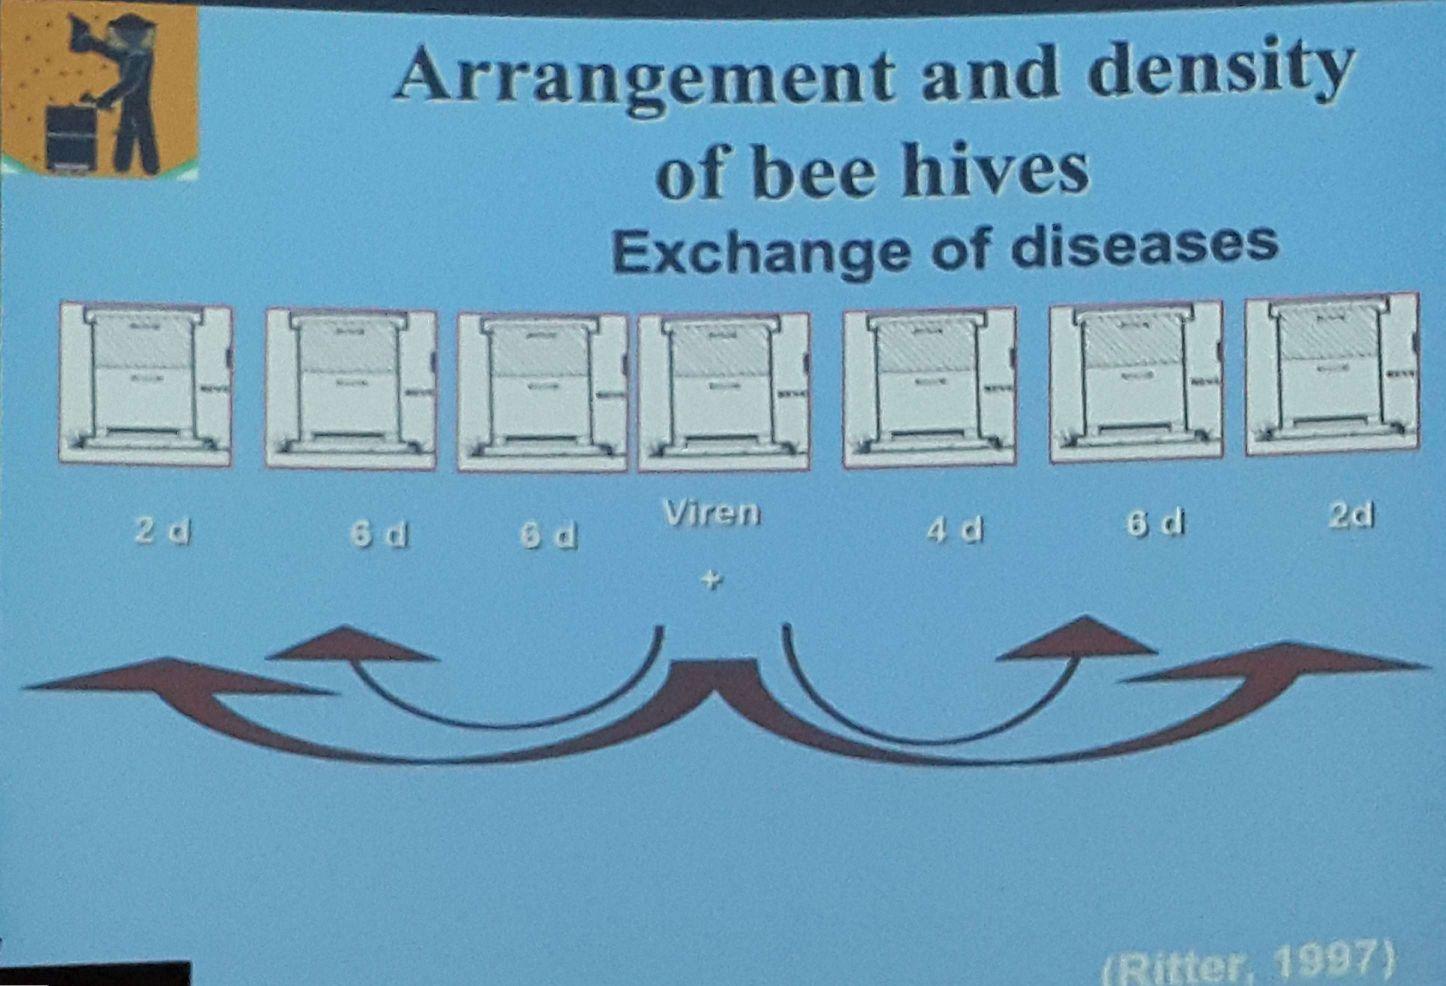 ورود اشتباهی زنبورهای یک کندوی مریض و آلوده شدن کندوهای کناری